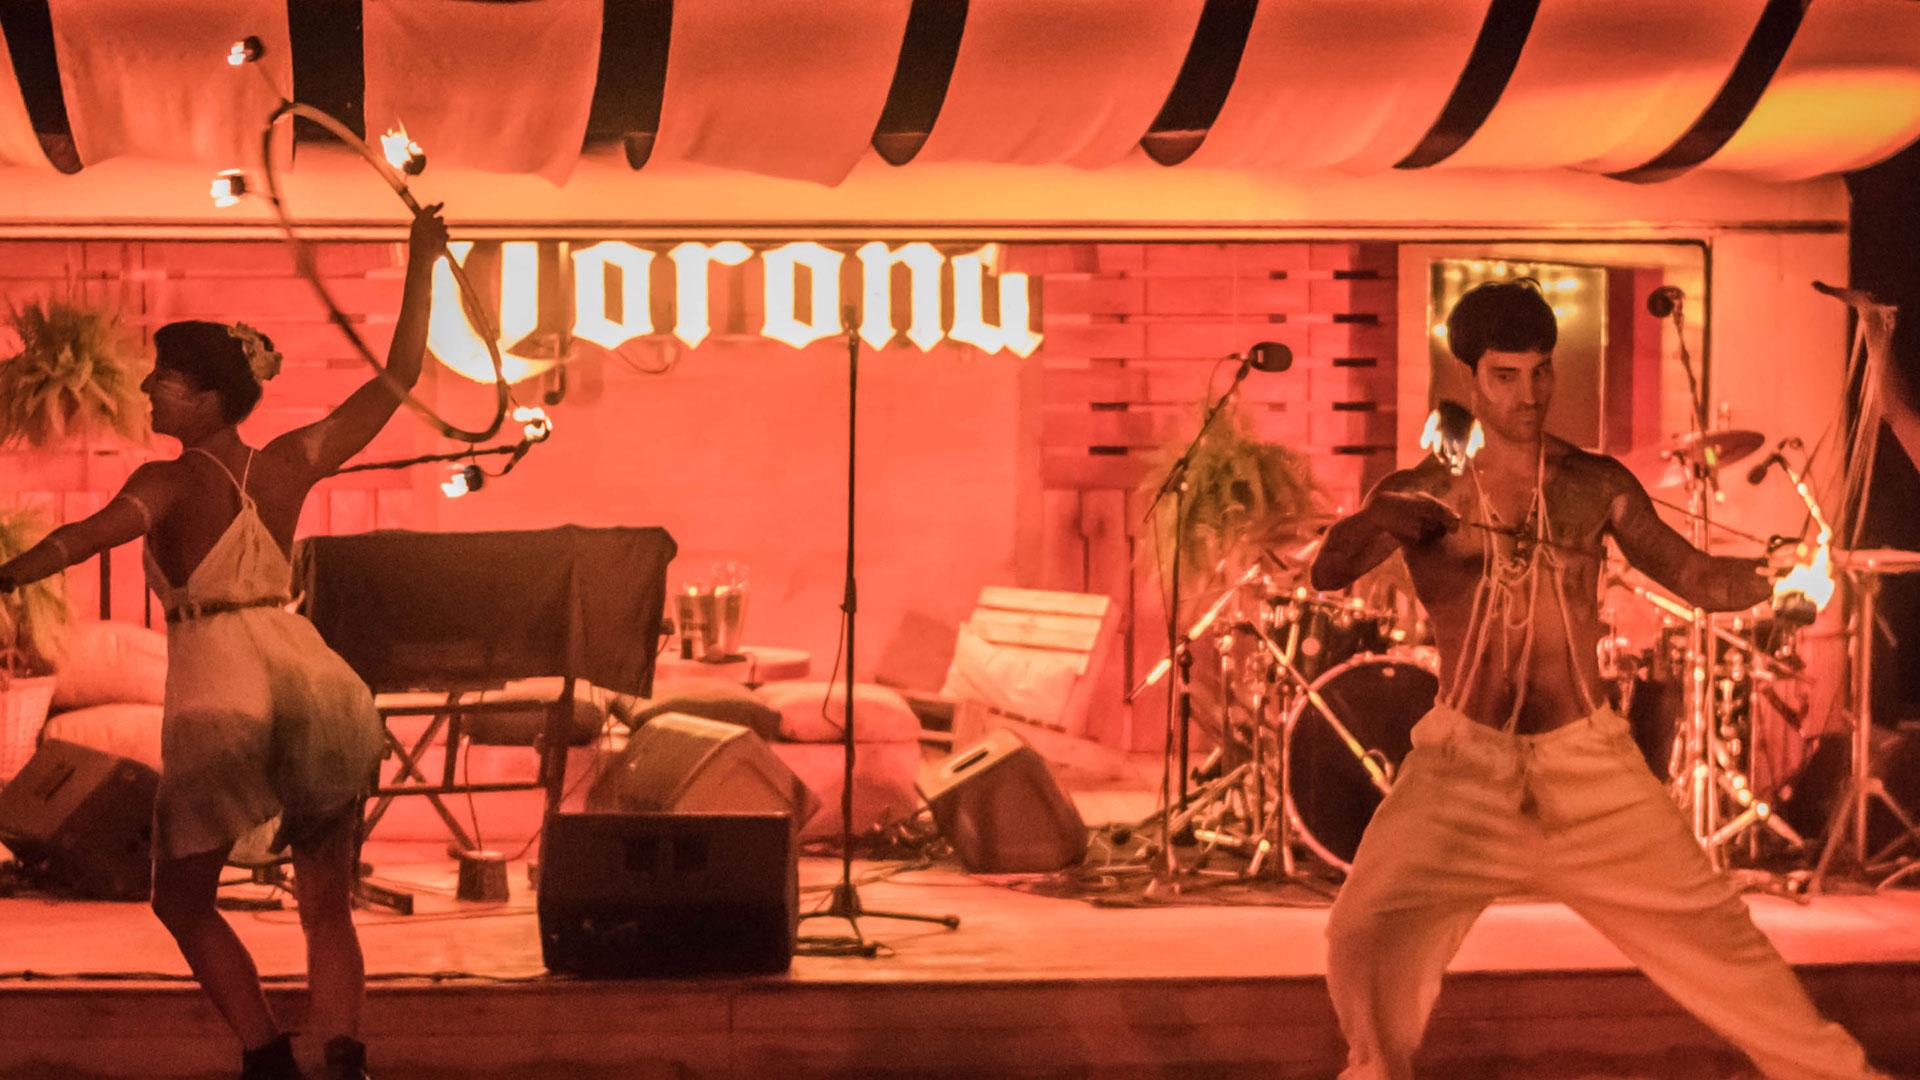 Tanto en la Patagonia como en Uruguay, los eventos tuvieron música, performances y make-up art en vivo.